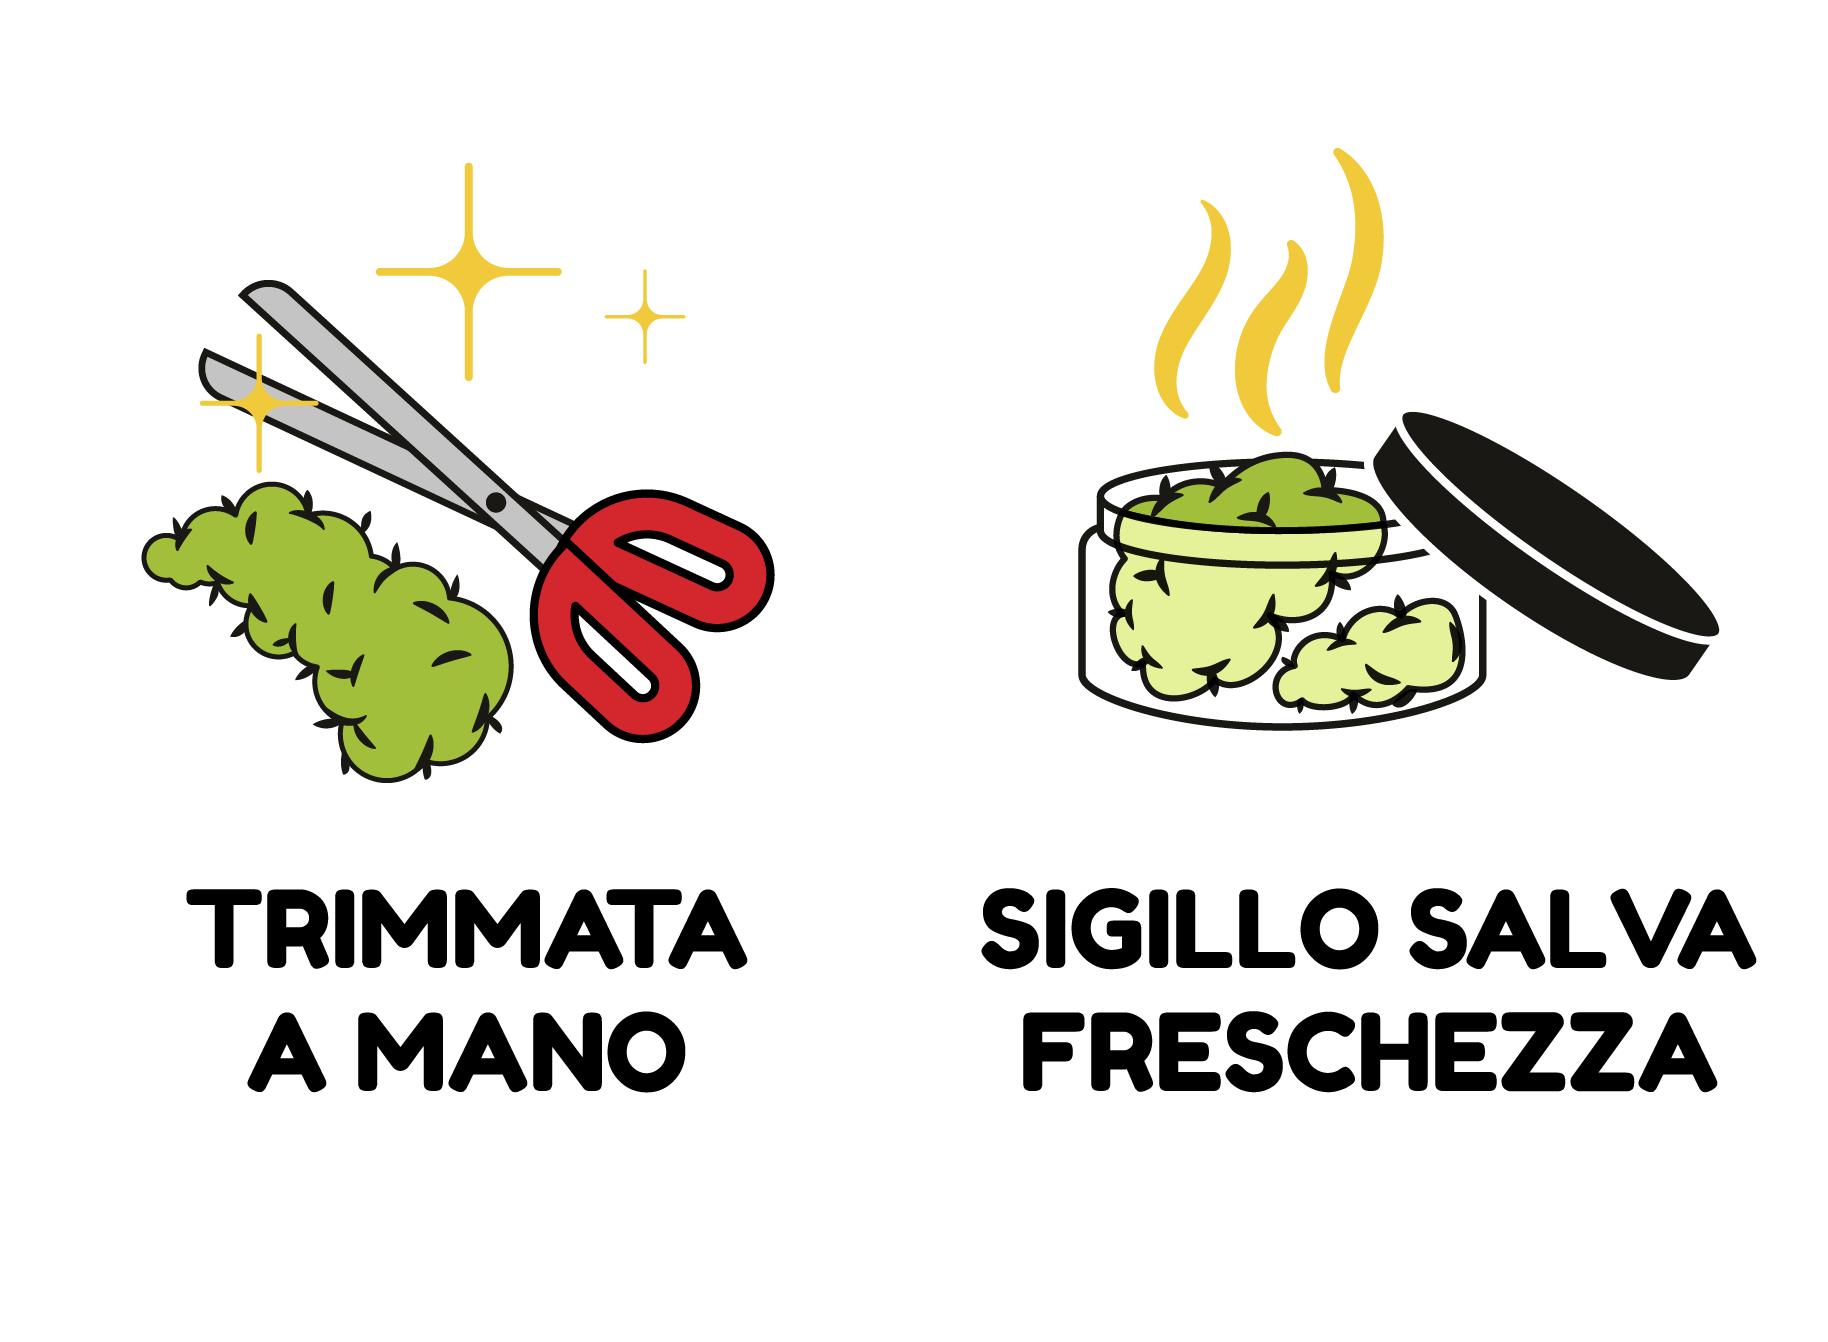 TRIMMATA A MANO - SIGILLO SALVA FRESCHEZZA